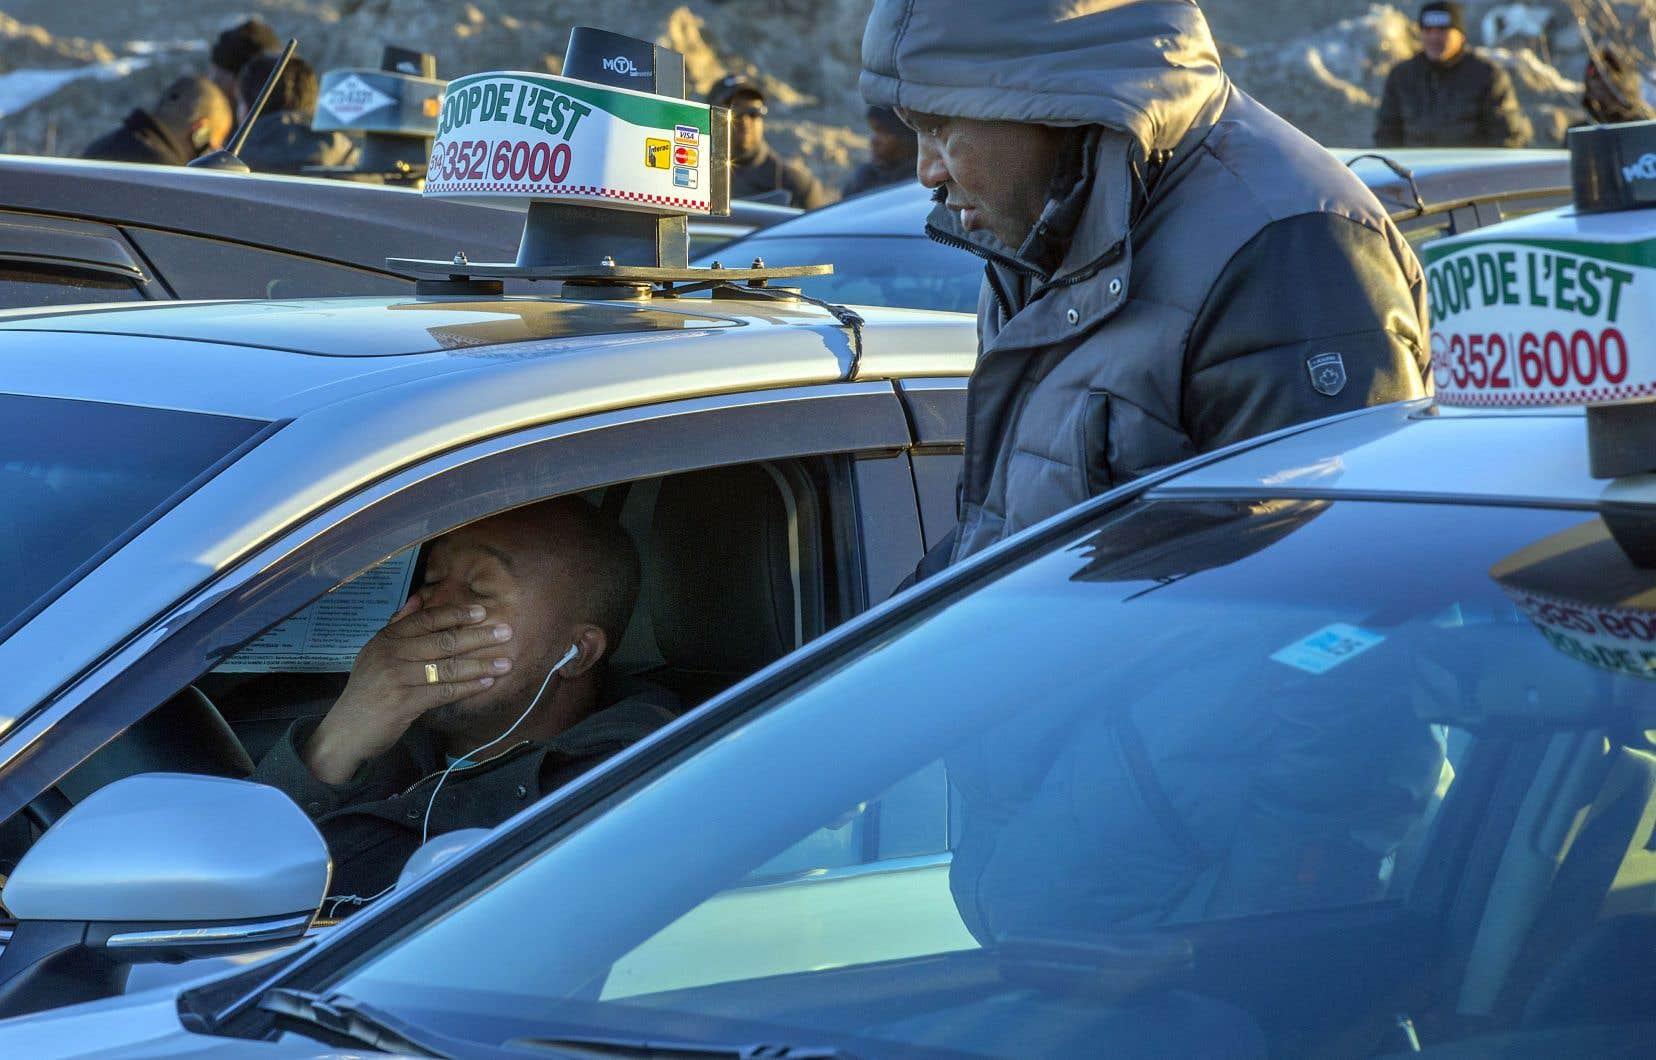 Les chauffeurs de taxi ont fait la grève hier dans plusieurs villes, notamment à Montréal et à Québec, pour montrer leur opposition à la réforme de l'industrie que veut leur imposer le gouvernement. Ils devraient toutefois reprendre le volant aujourd'hui.